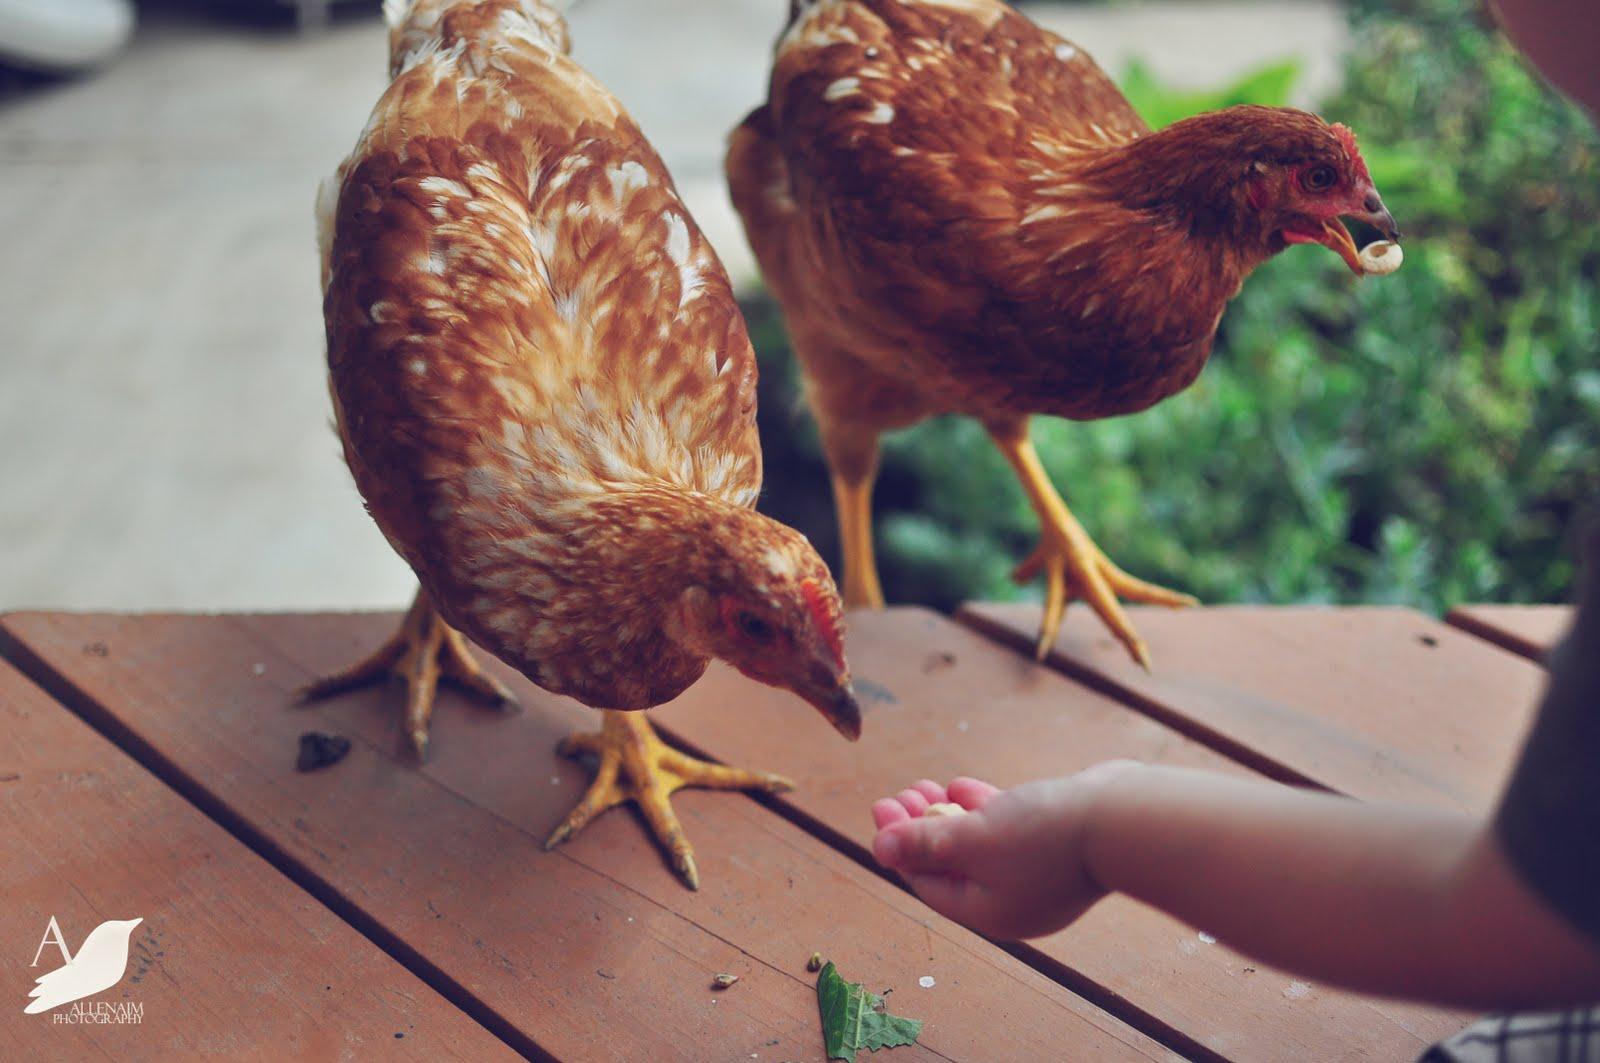 Raising Chickens and Children